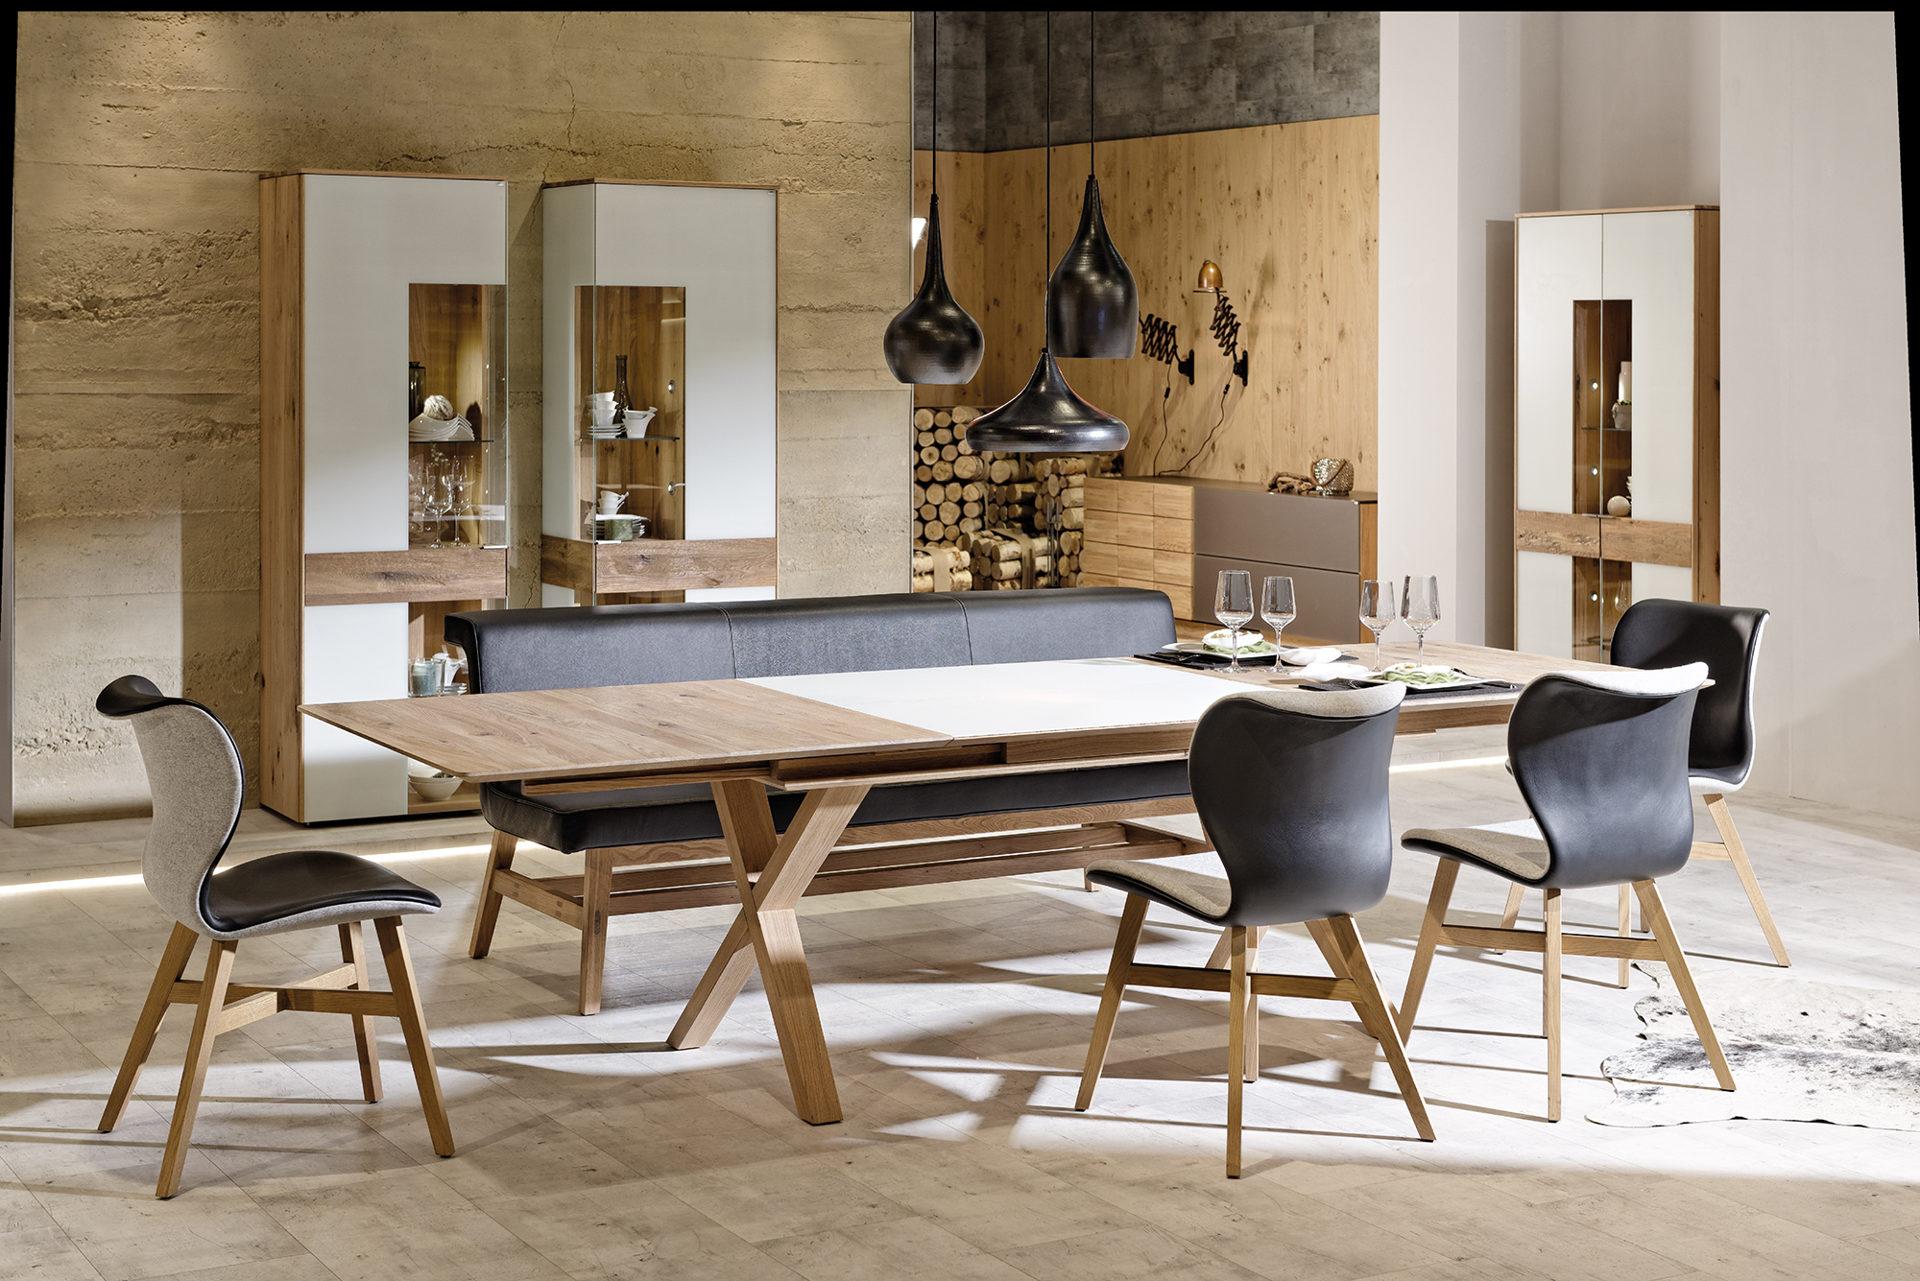 Esszimmer modern holz  Trop Möbelabholmarkt GmbH   Markenshops   Voglauer   VOGLAUER V ...